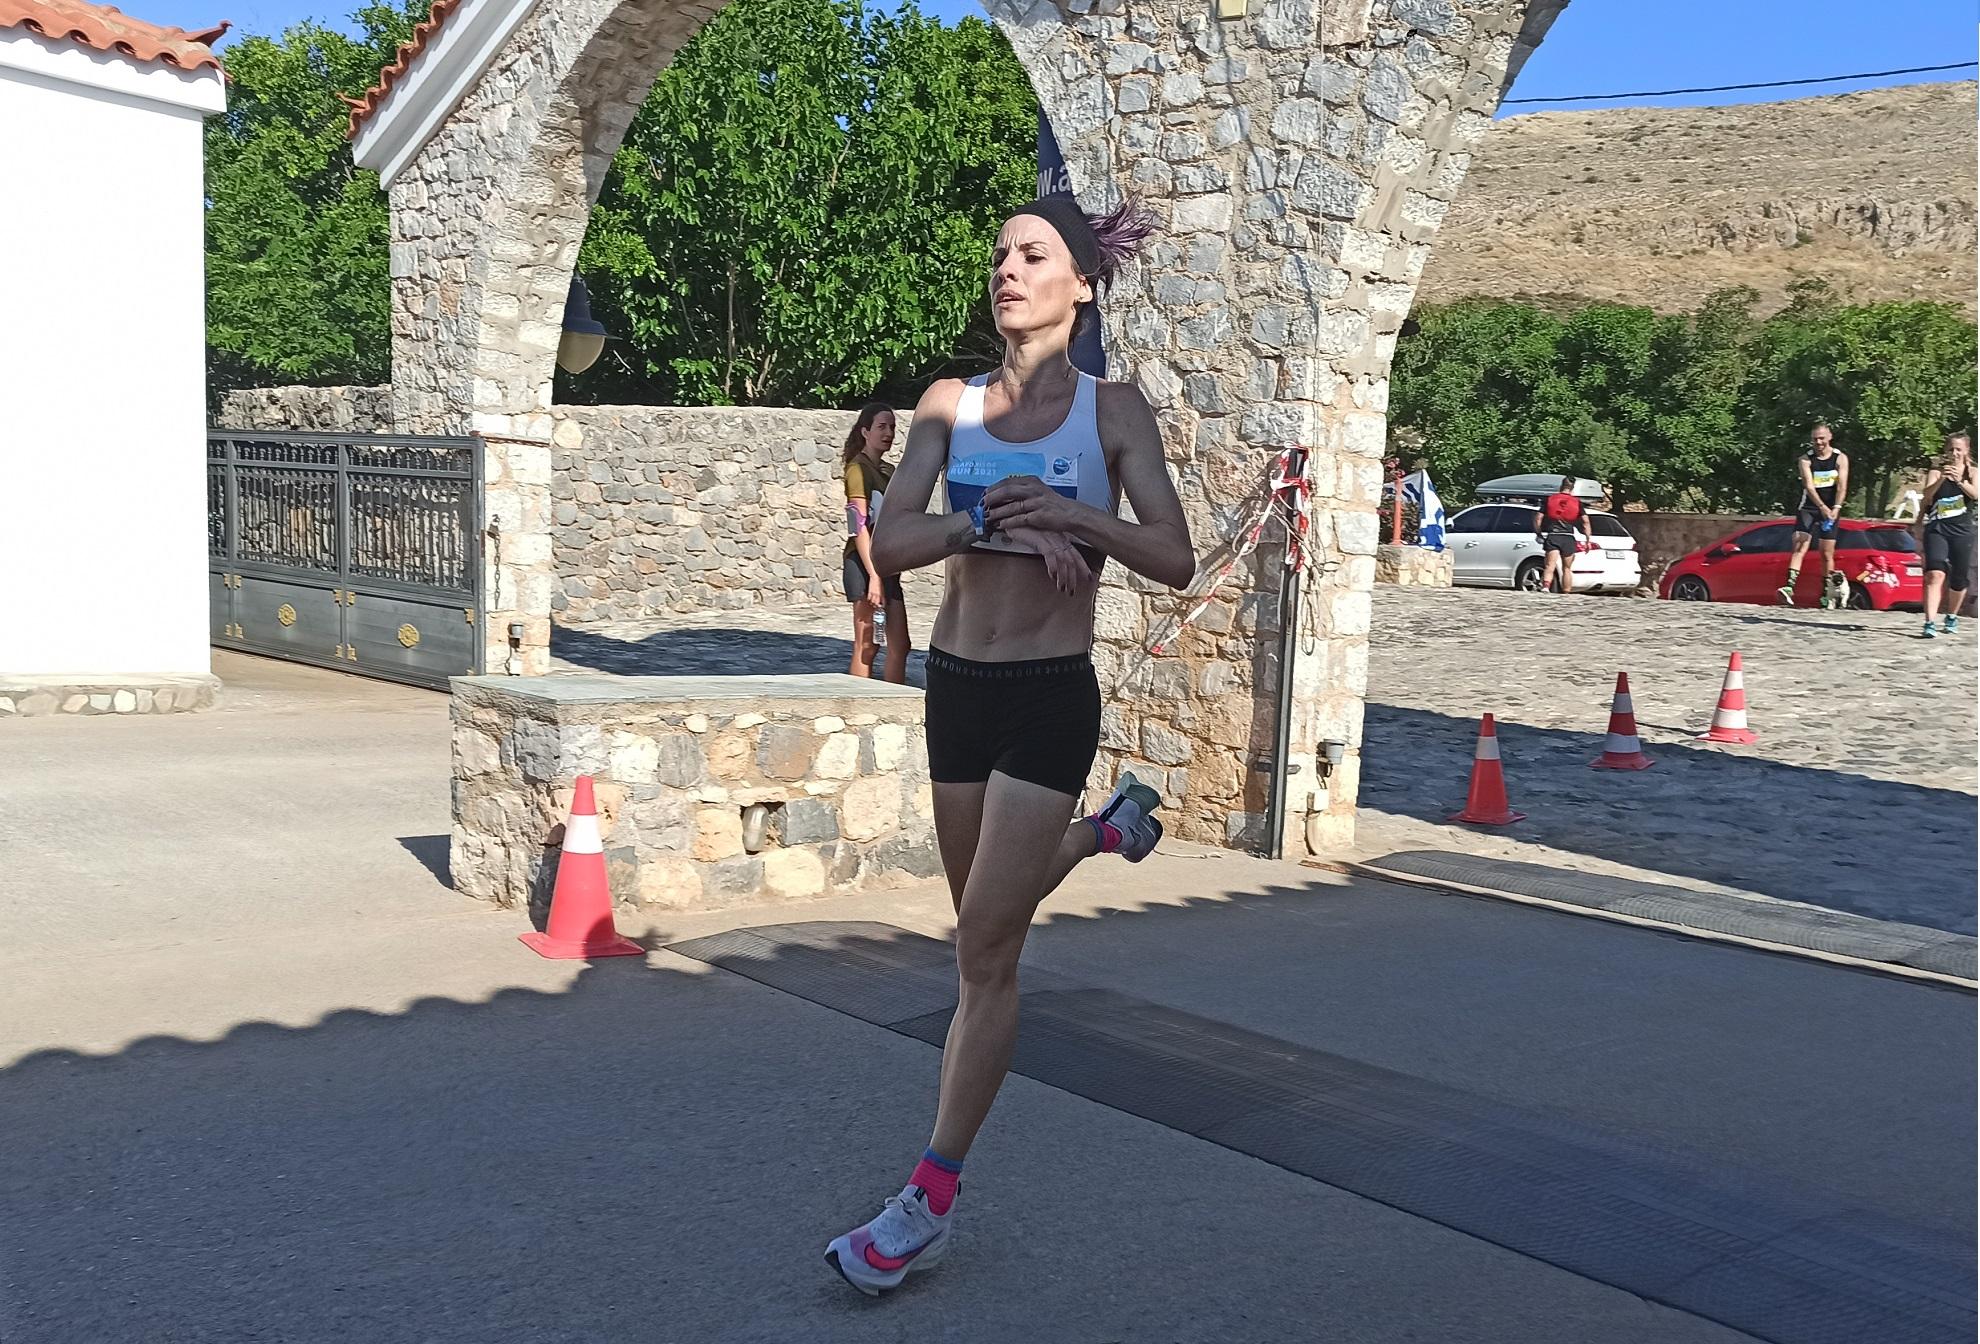 Εξαιρετική εμφάνιση η Κατερίνα Ασημακοπούλου στο Elafonisos Run